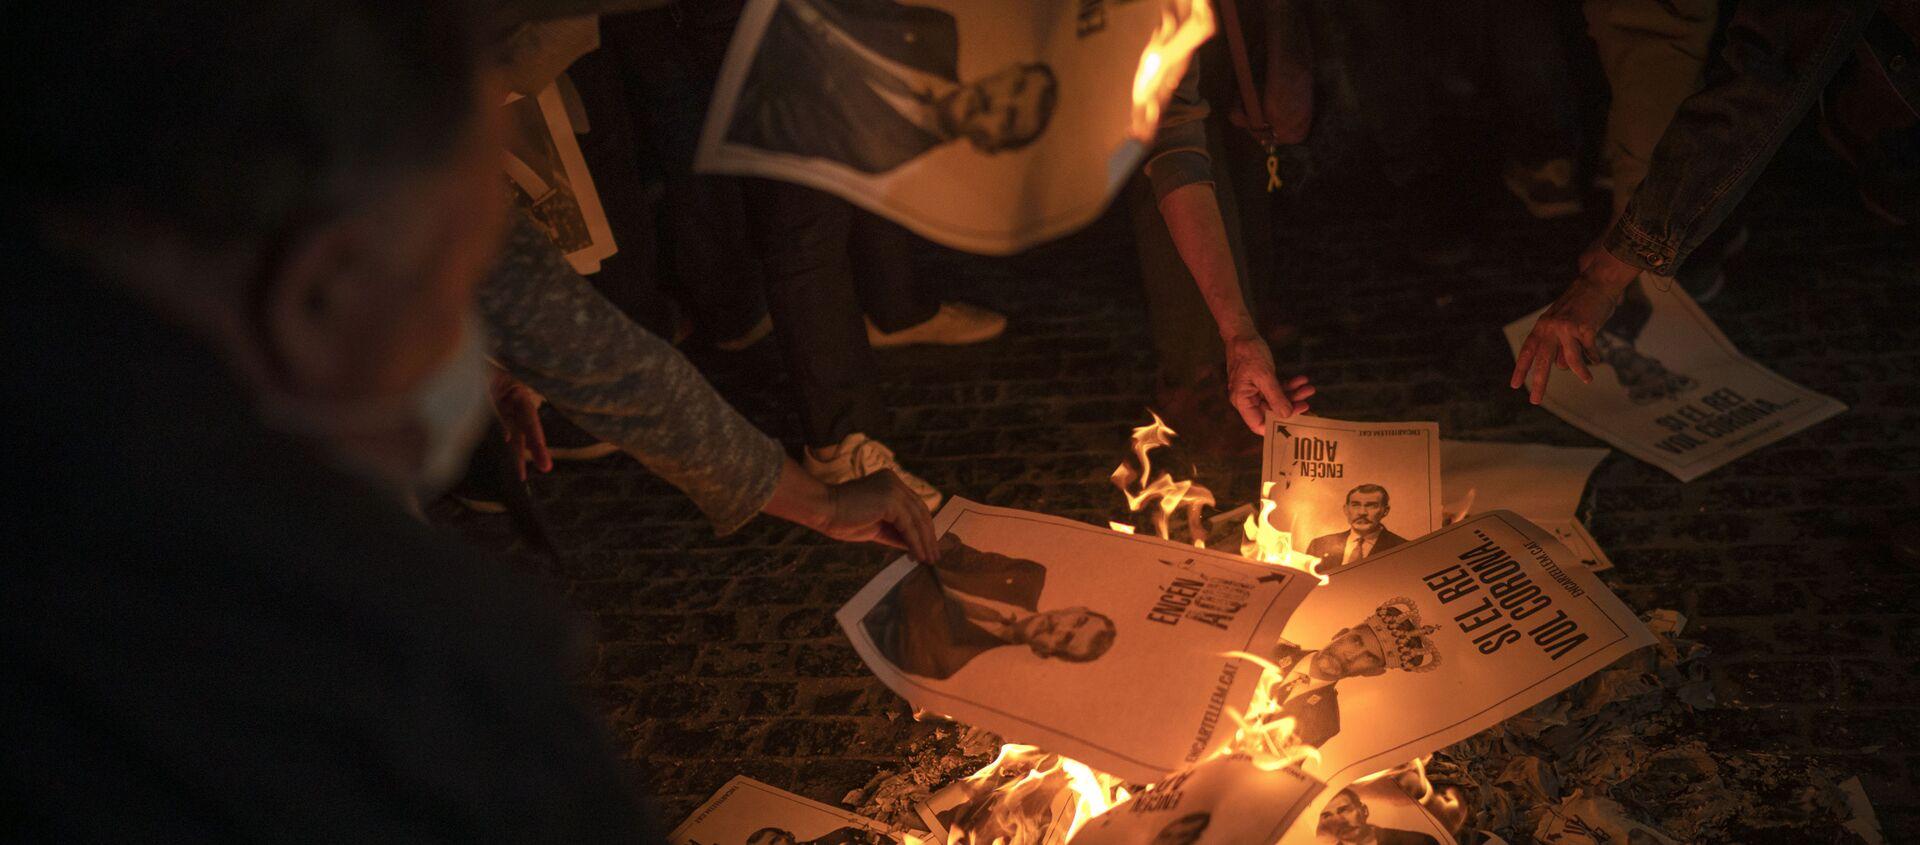 Manifestantes independentistas catalanes queman fotos del rey Felipe VI. Barcelona, 8 de octubre 2020 - Sputnik Mundo, 1920, 09.10.2020